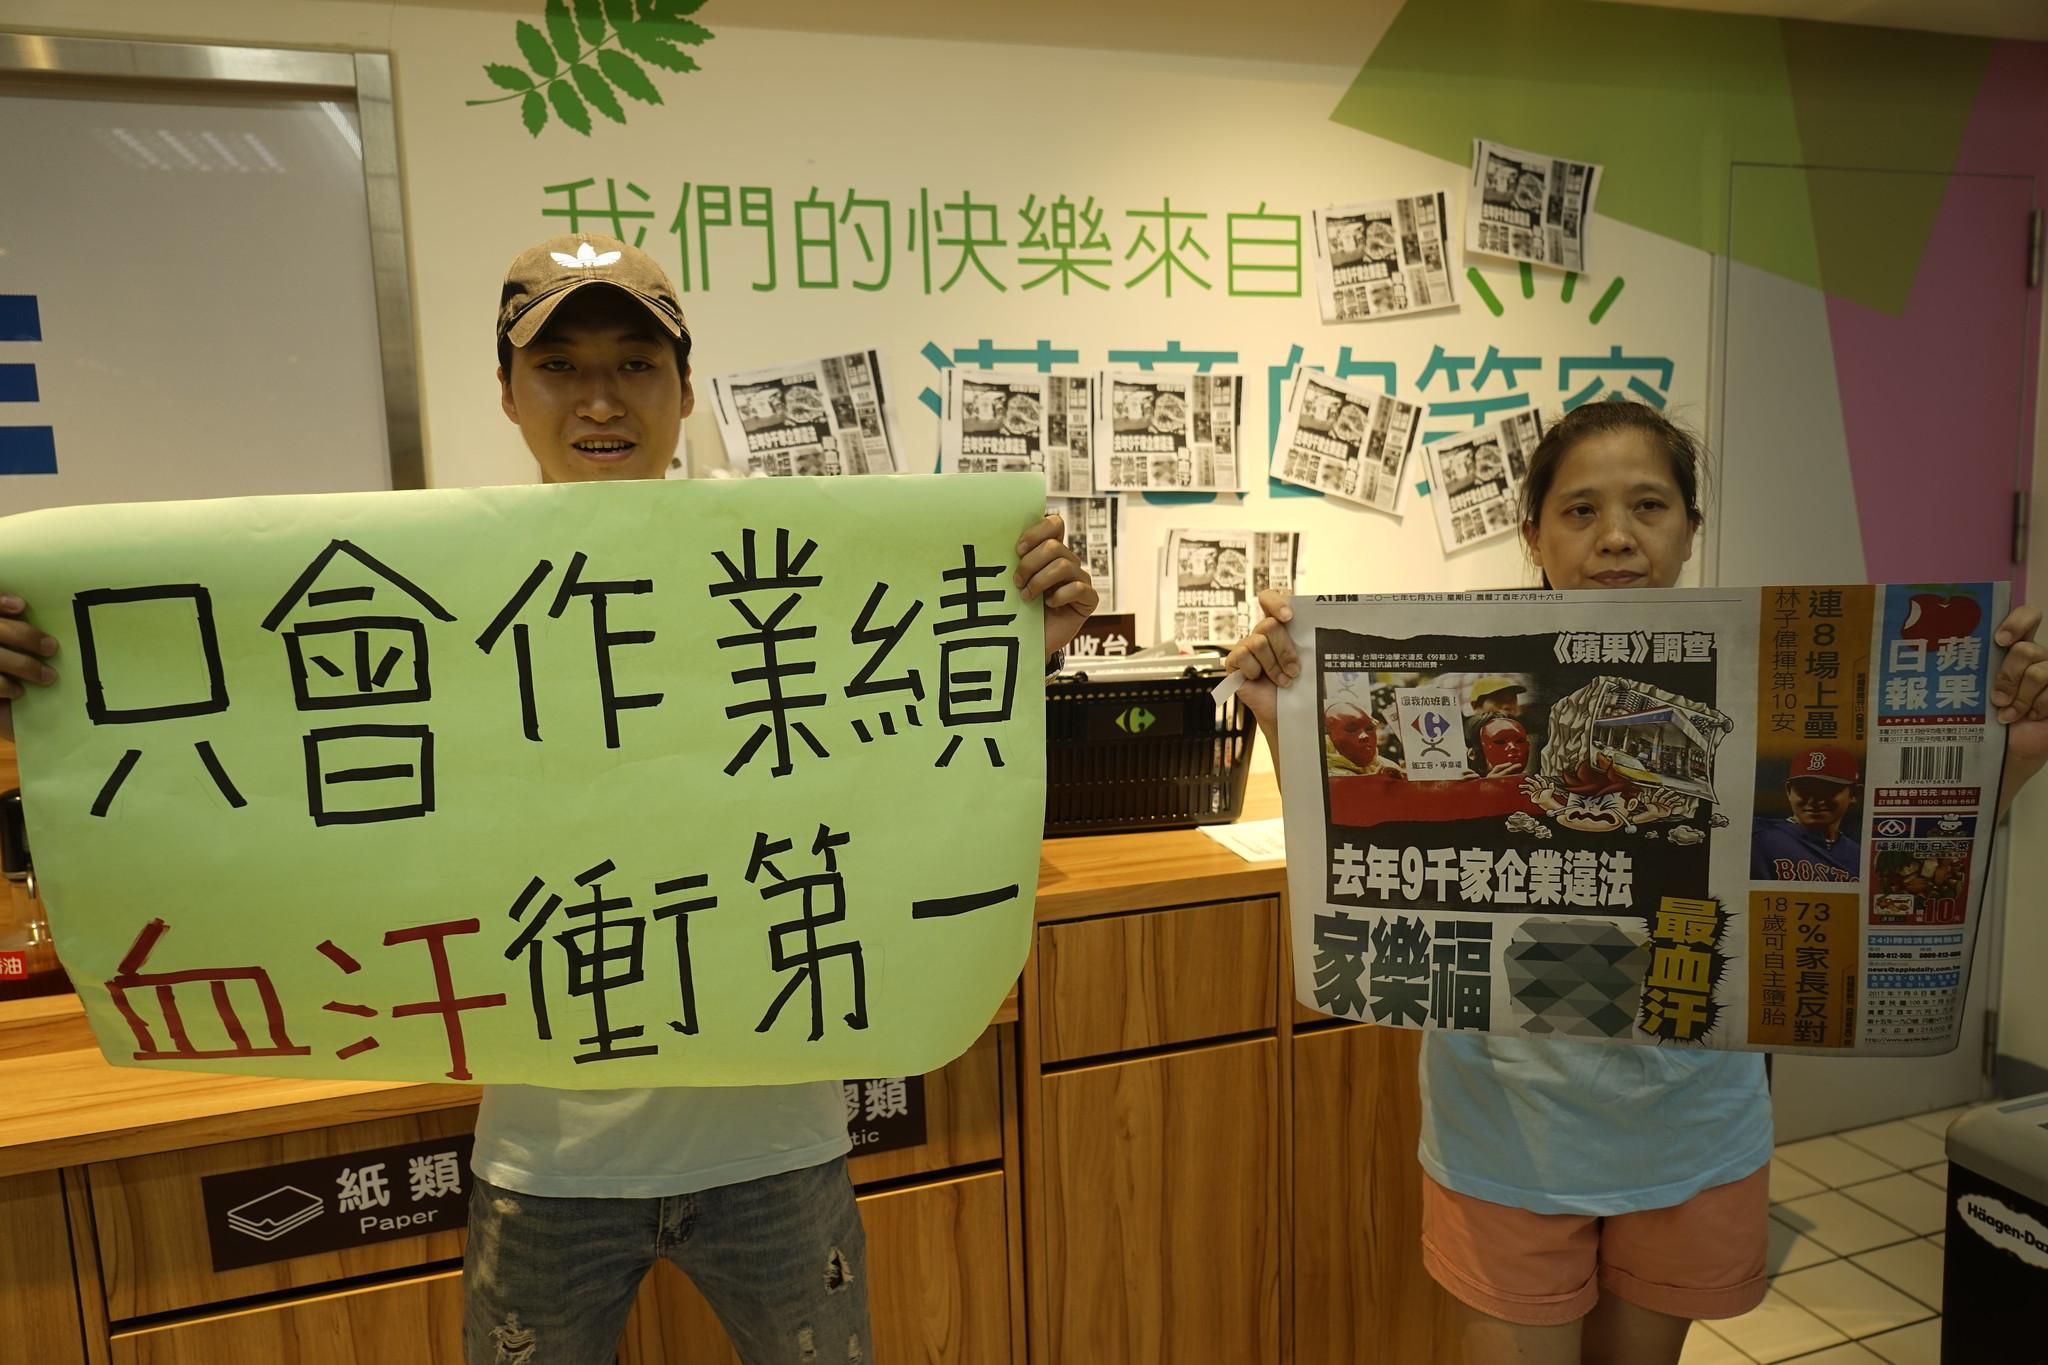 工會在購物通道旁貼滿了家樂福「血汗第一名」的剪報。(攝影:張宗坤)